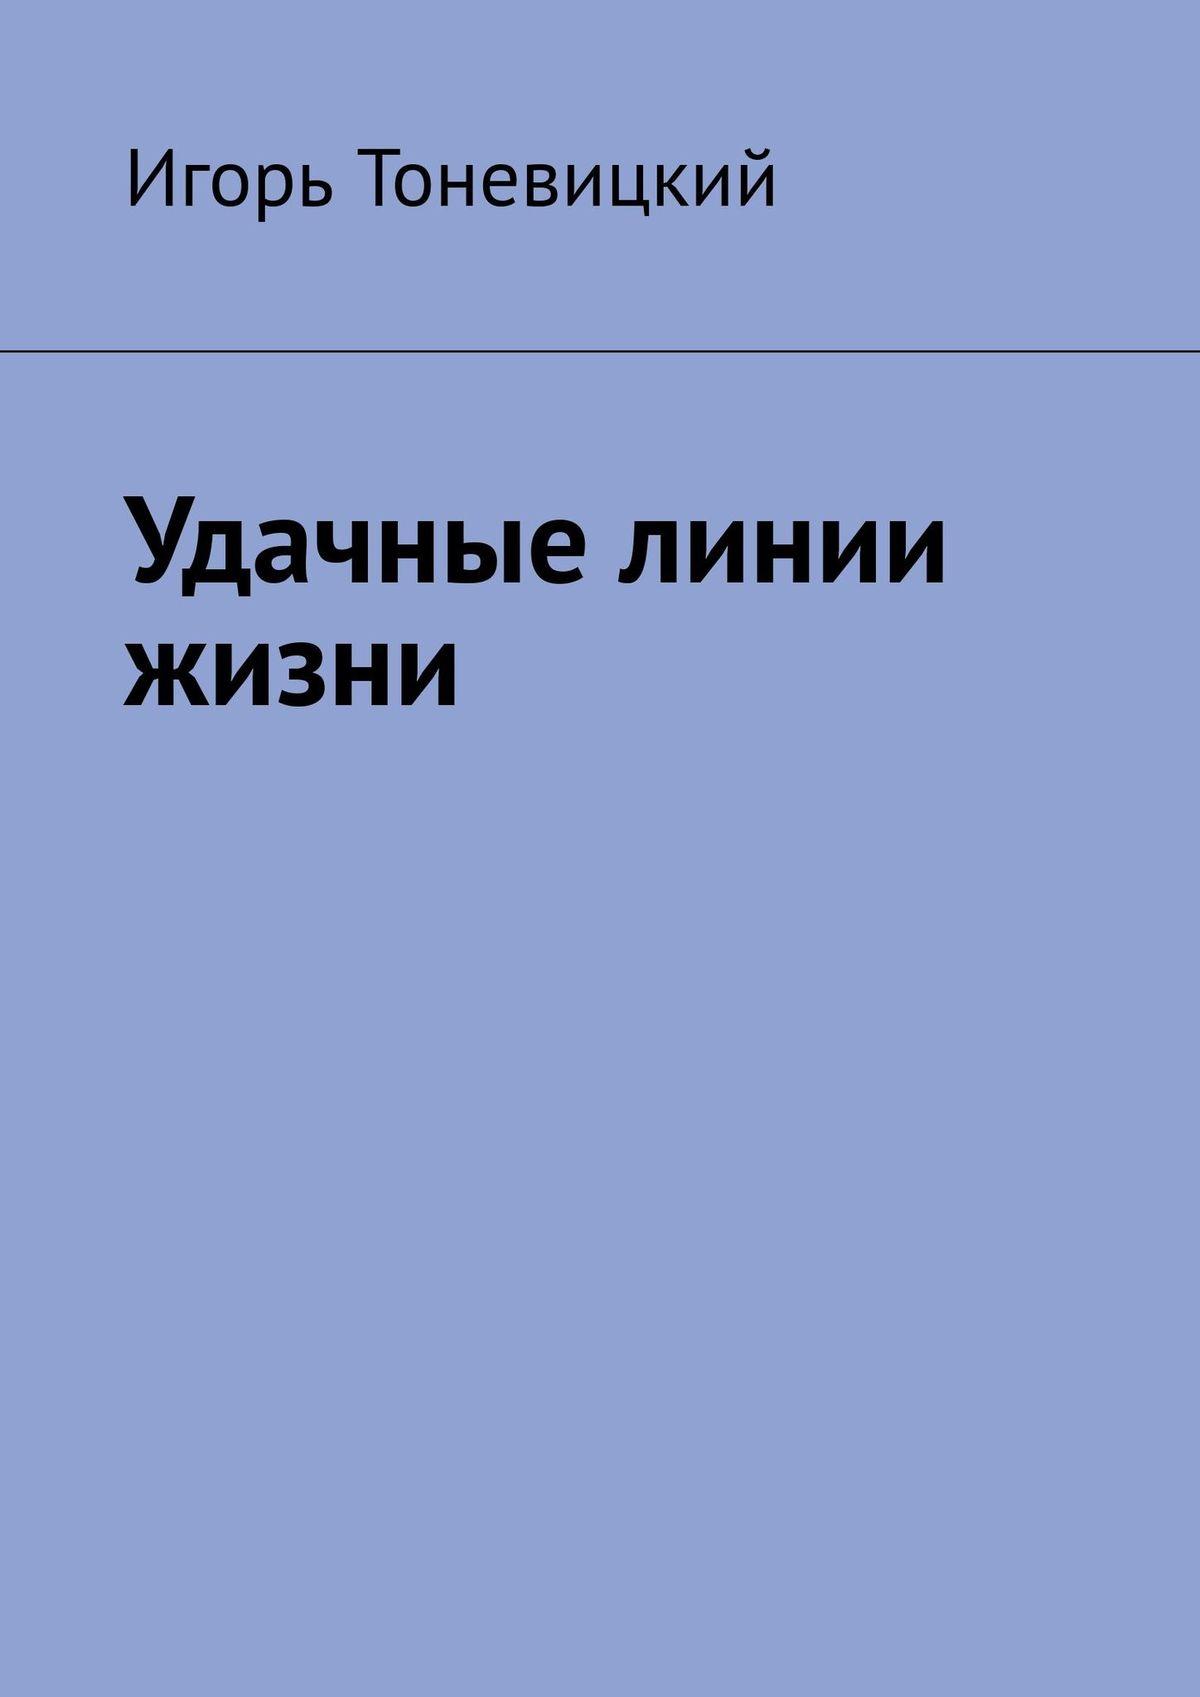 Игорь Тоневицкий Удачные линии жизни алексанова м линии на ладони как прочитать свою судьбу и стать счастливым